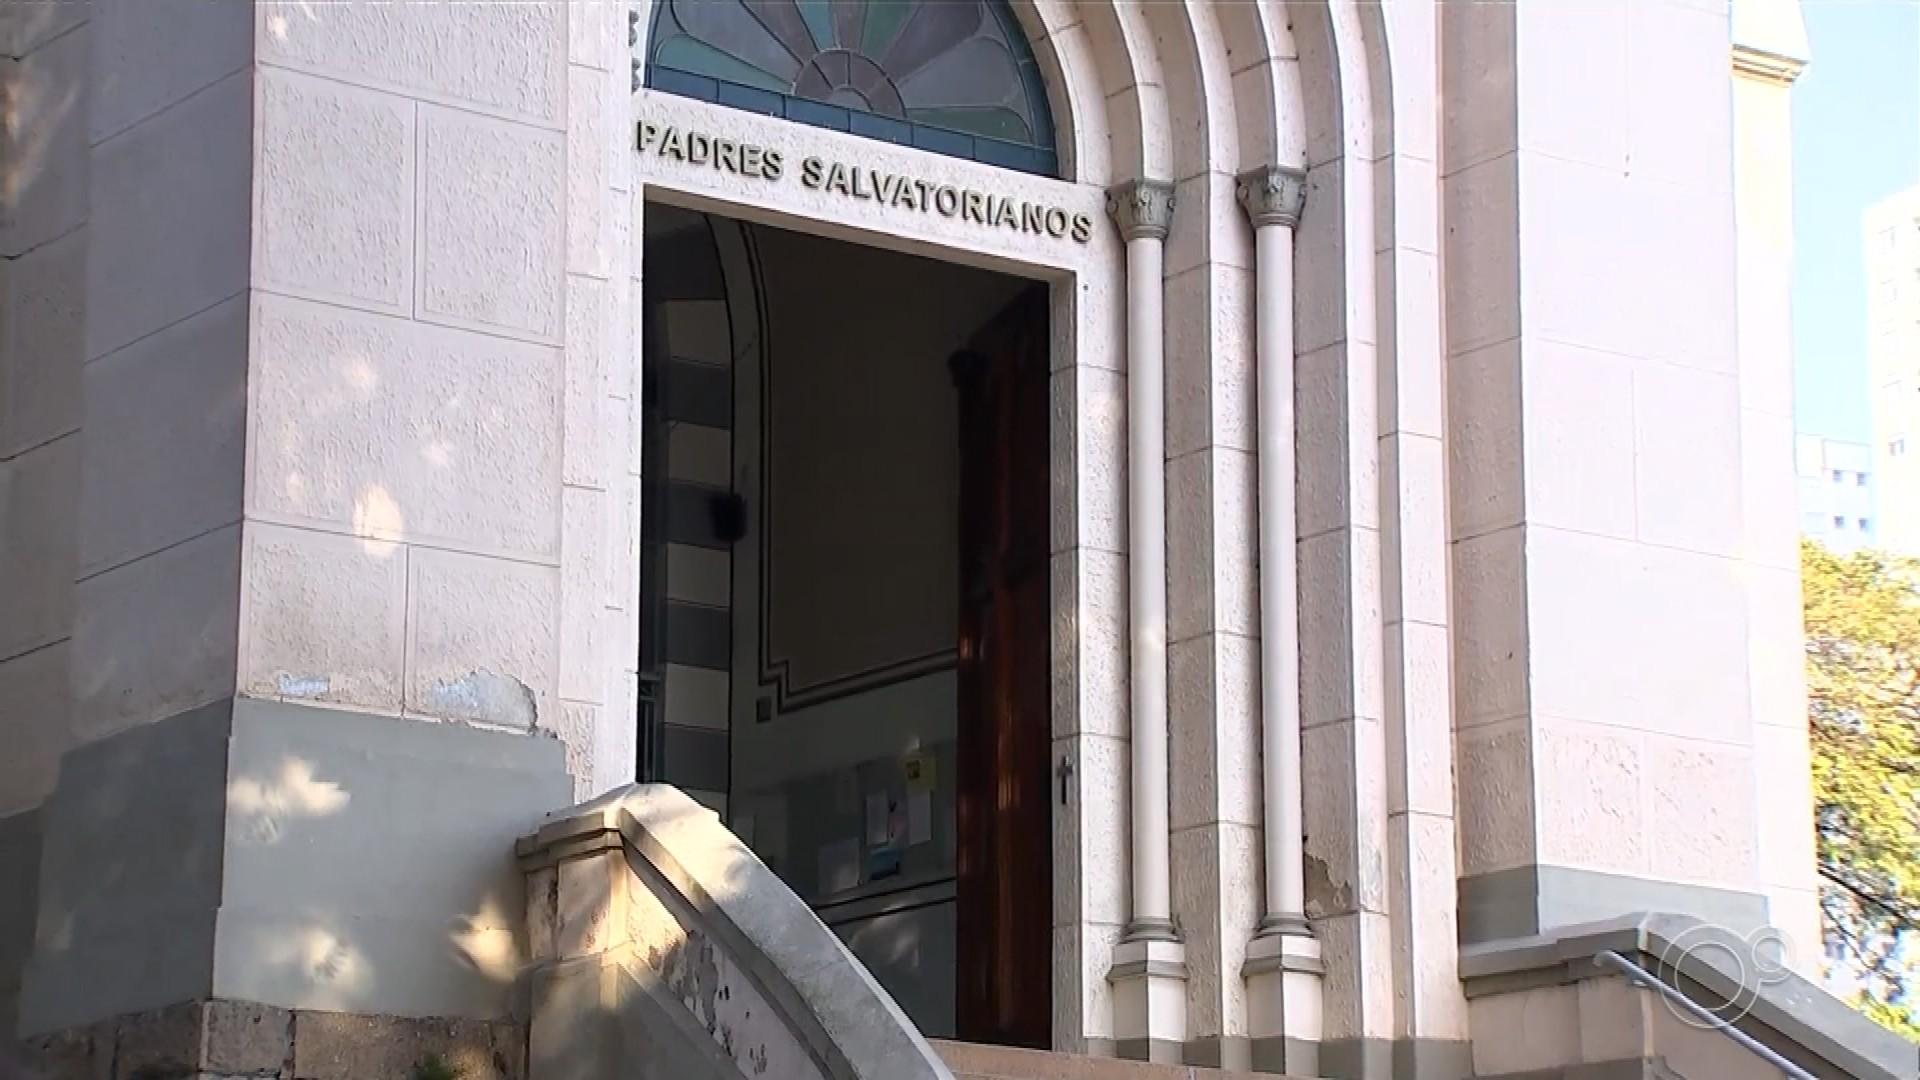 VÍDEOS: Bom Dia Cidade de Sorocaba e Itapetininga desta quarta-feira, 12 de agosto